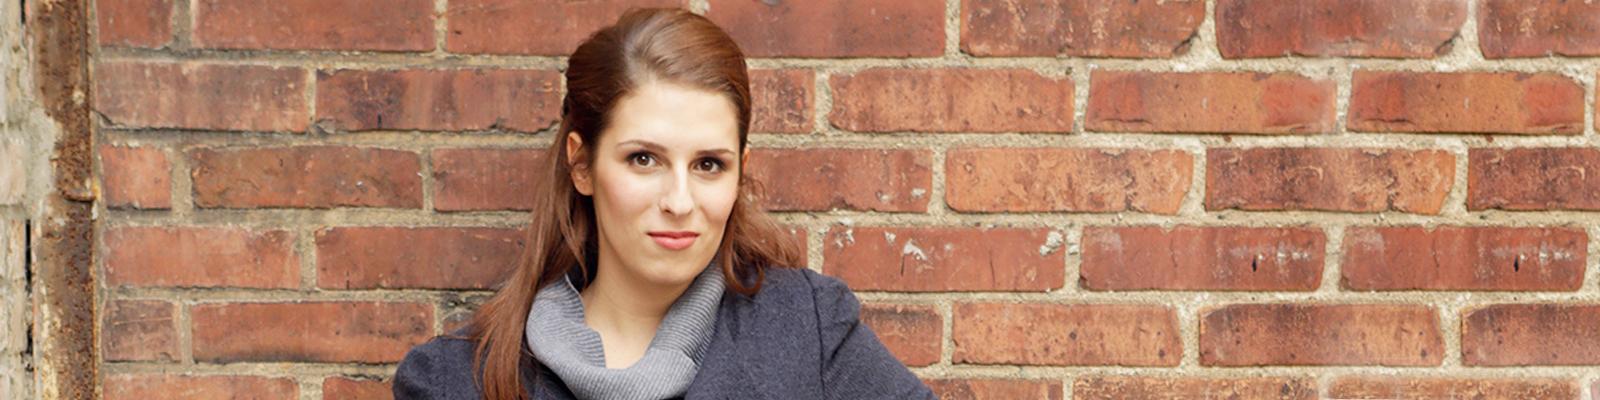 Hannah Winkler, eine junge Frau mit langen, braunen Haaren lehnt an einer Backsteinwand